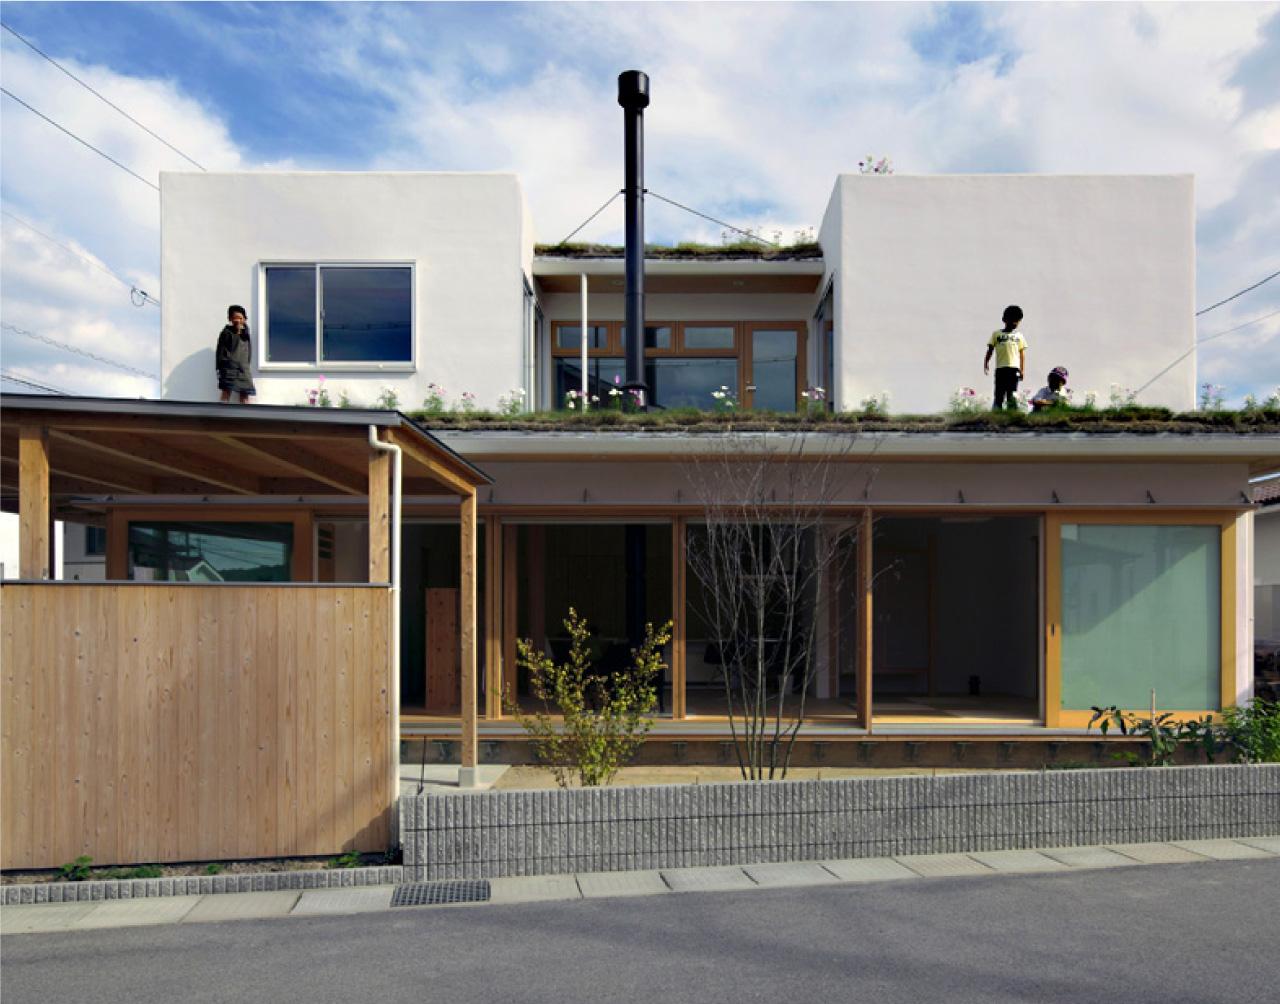 屋上を緑化してはなれを造る。芝屋根の家